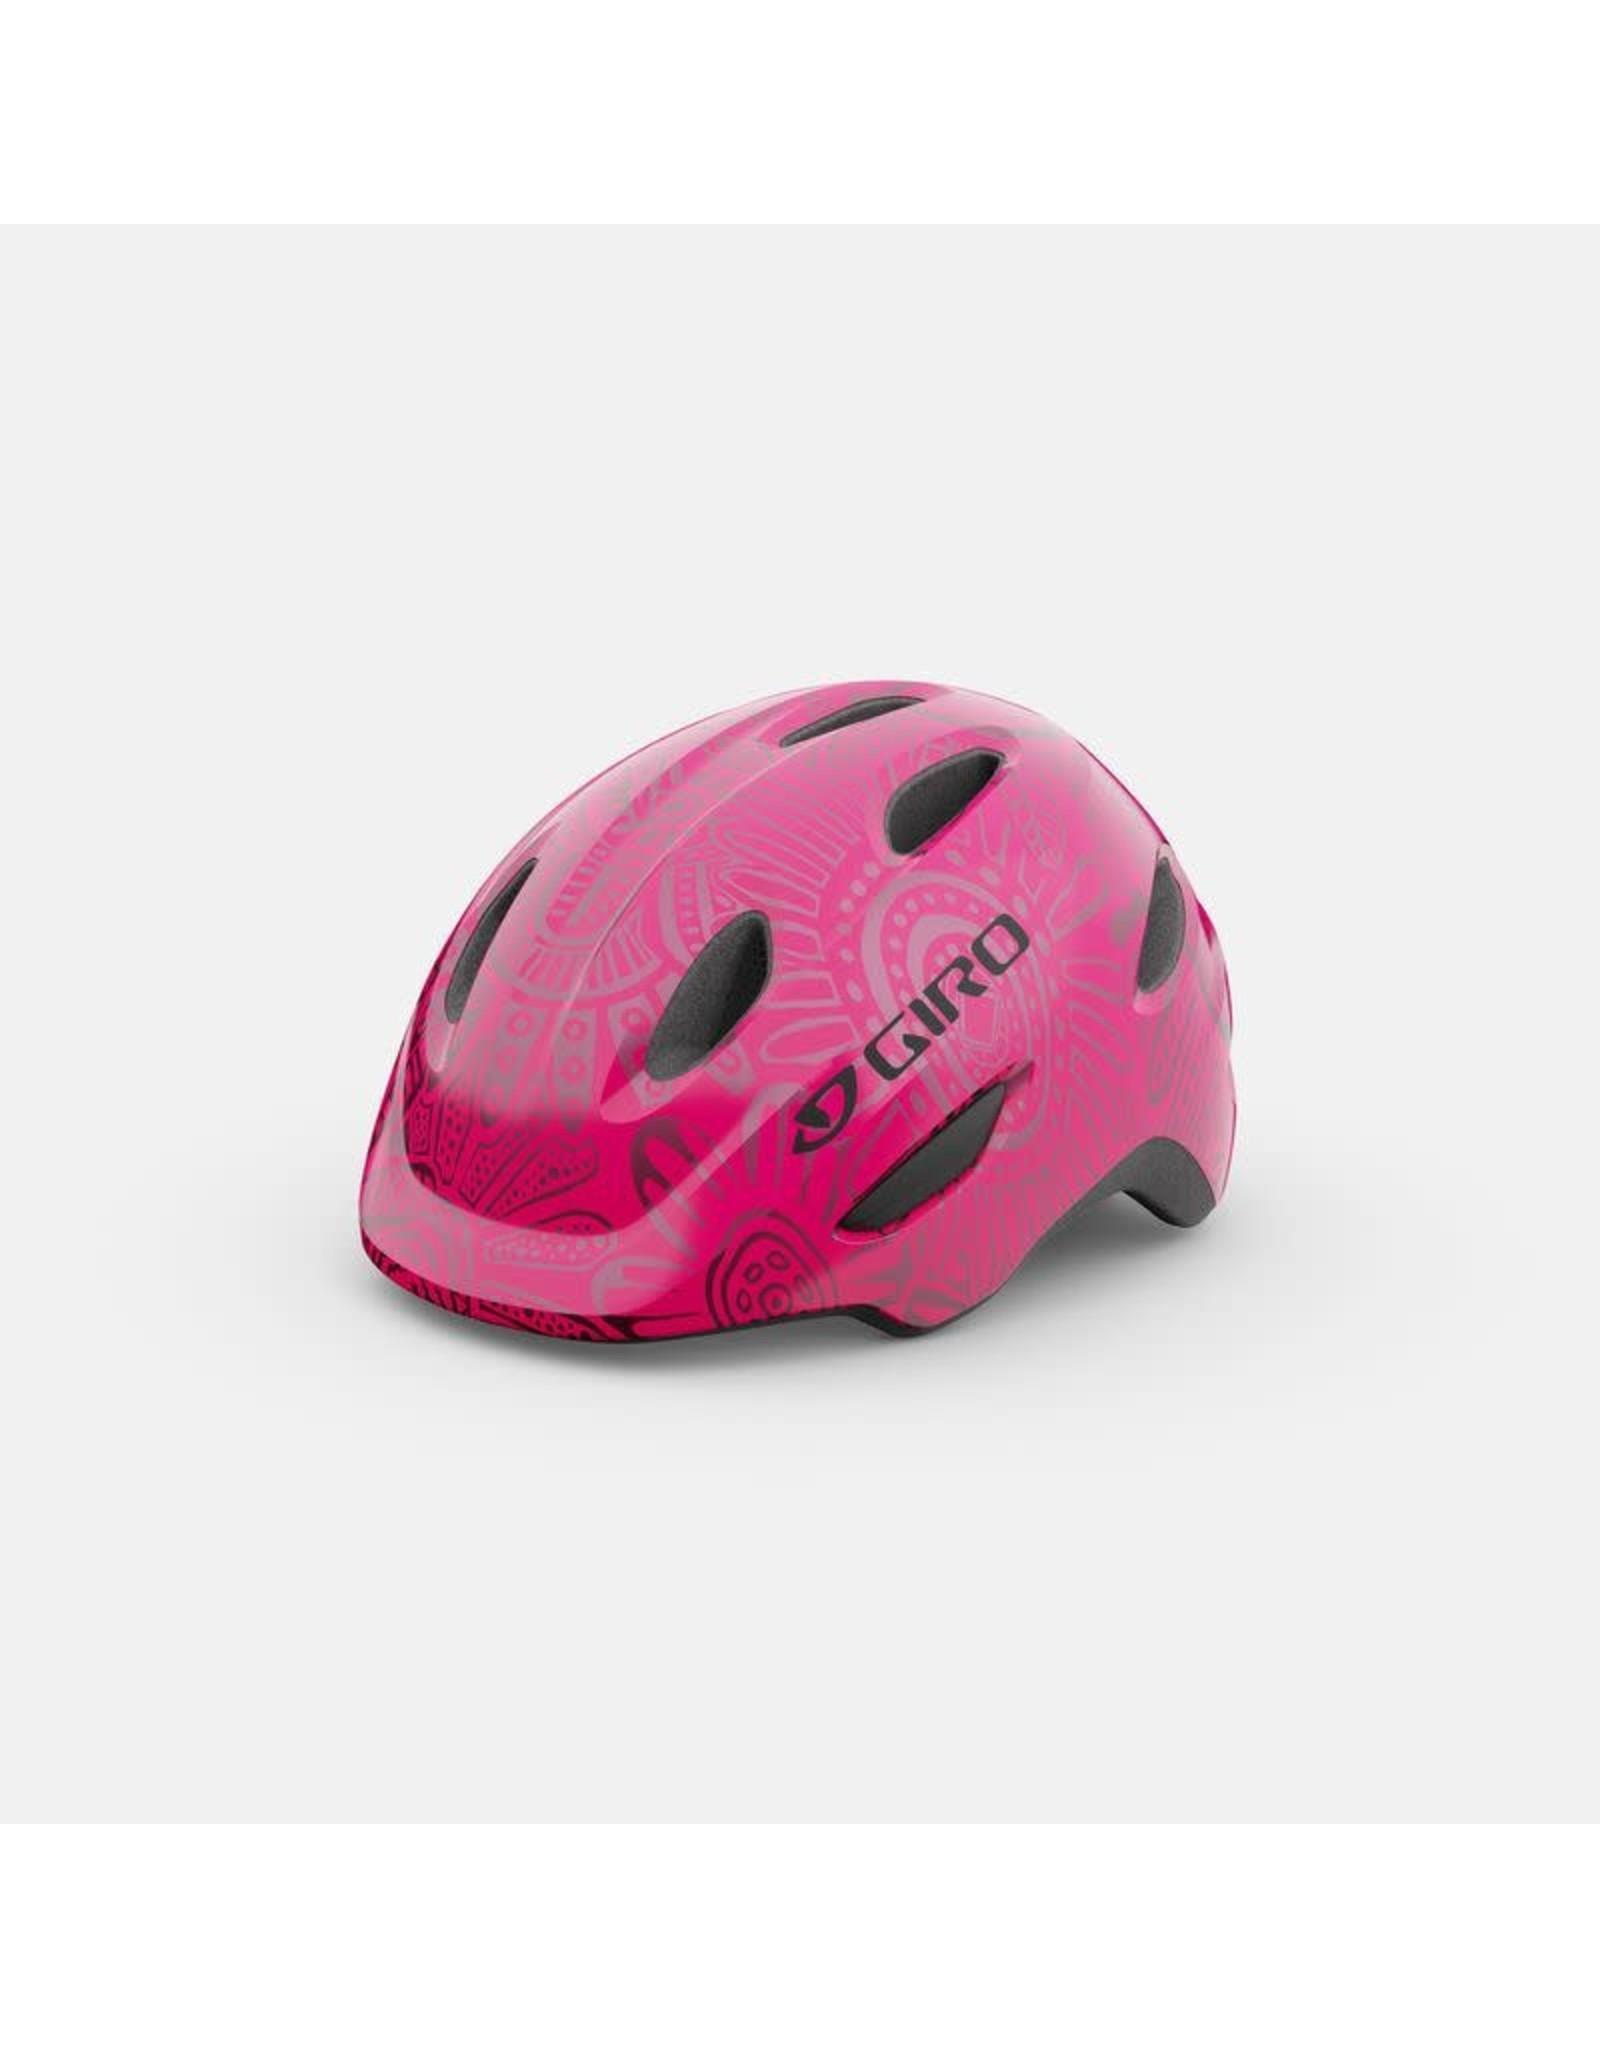 Giro Casque Giro Scamp Jr